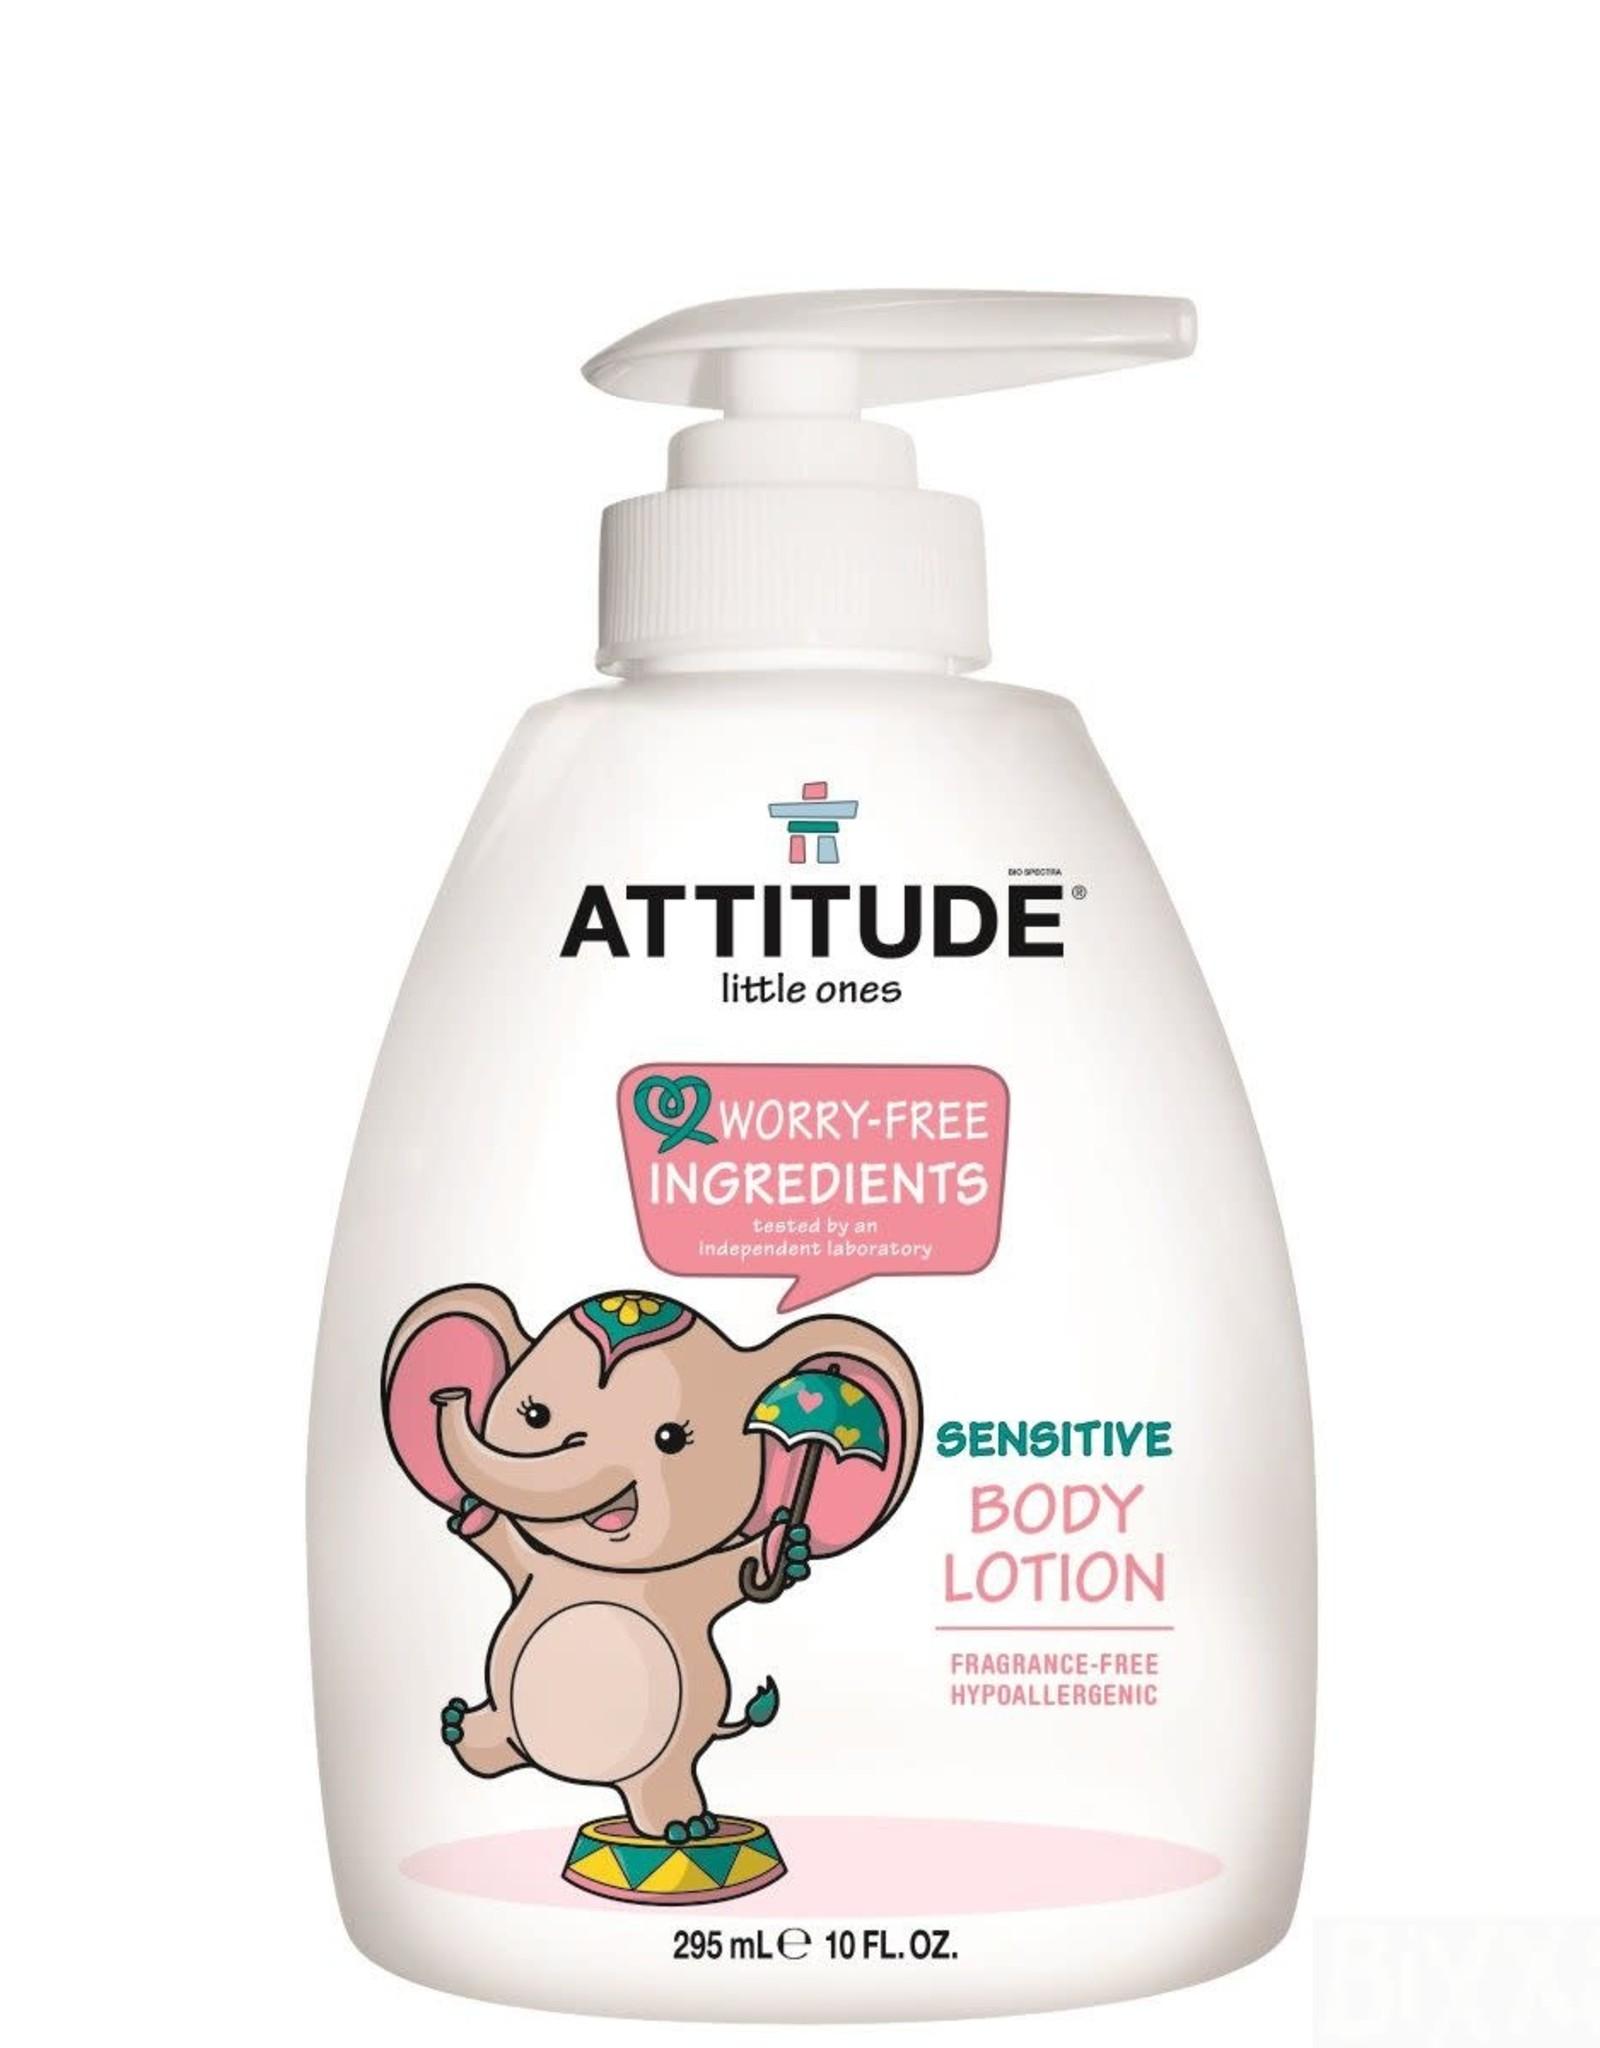 Attitude Attitude Little Ones Bodylotion fragrance free 300ml